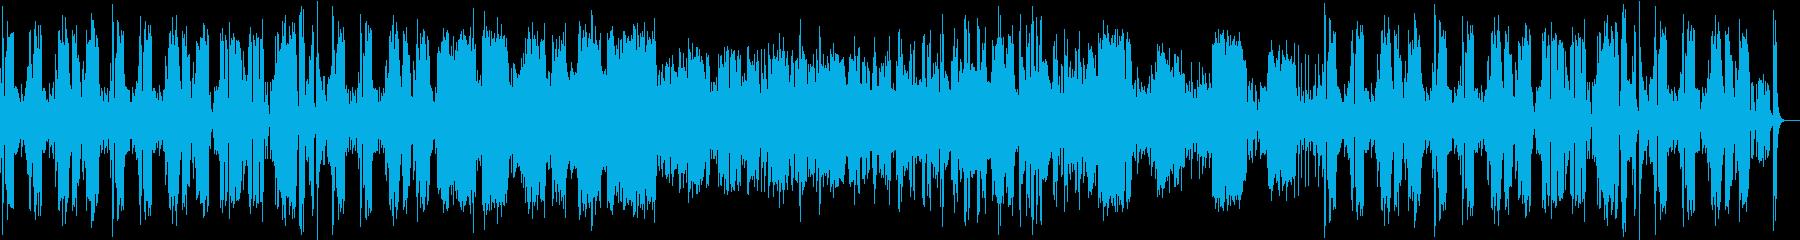 楽しいスイングジャズの再生済みの波形